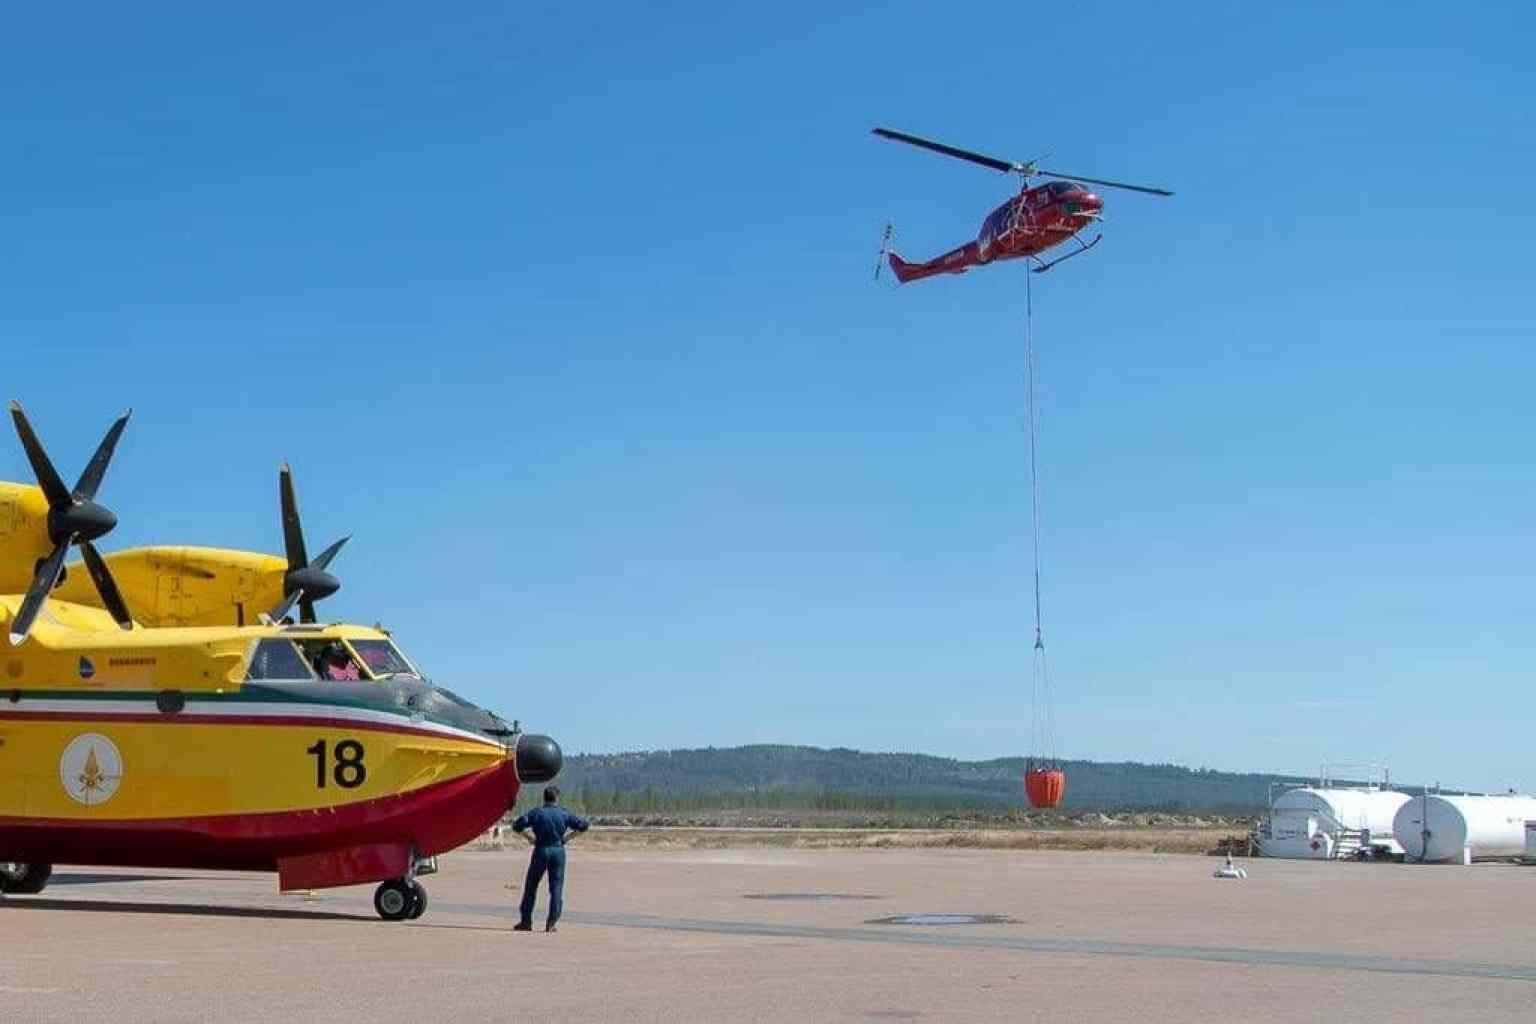 Sex brandflygplan, två italienska, två franska och två portugisiska, samt cirka 15 helikoptrar har opererat på Härjedalen Sveg Airport under den här insatsen hittills. Därutöver har man också haft ett antal helikoptrar från både försvarsmakten och polisen vid flygplatsen. Foto: Morgan Grip